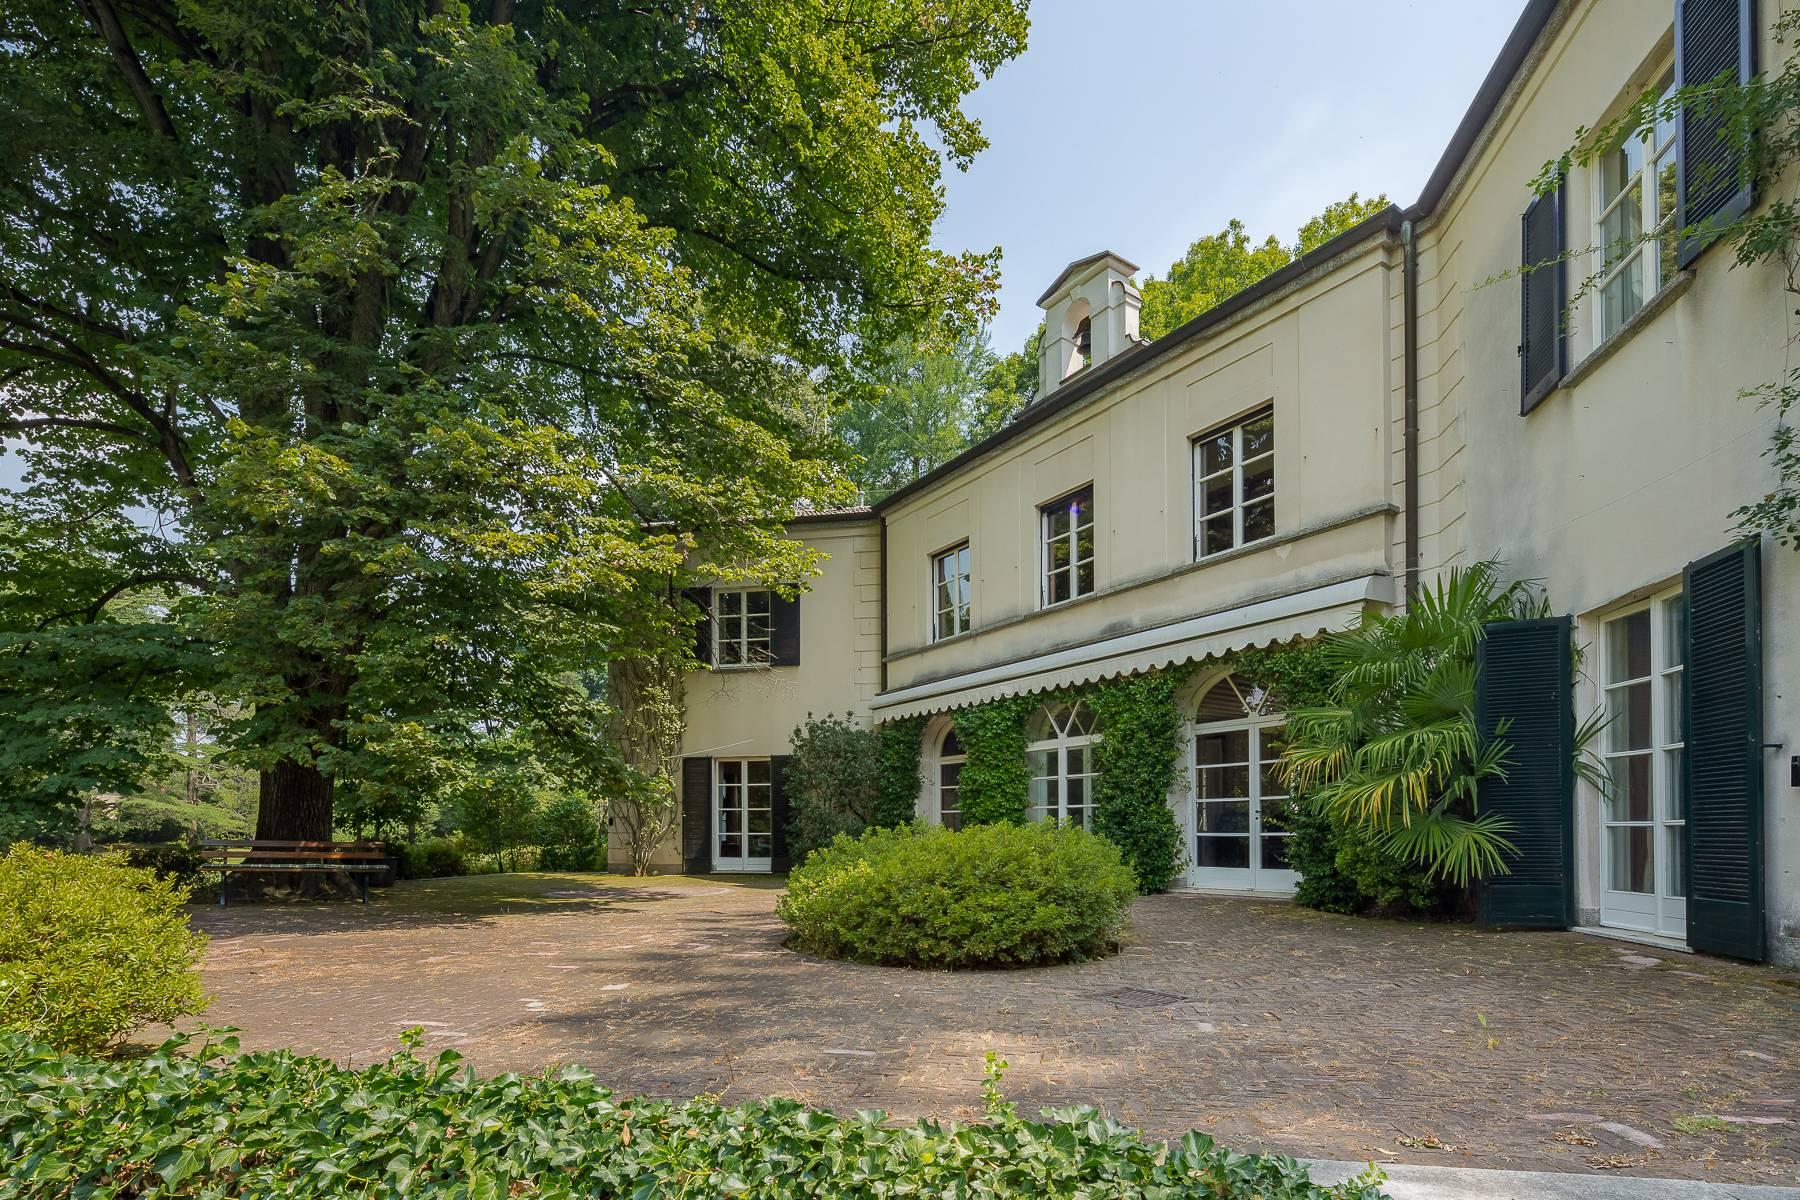 Villa in Vendita a Somma Lombardo: 5 locali, 750 mq - Foto 2